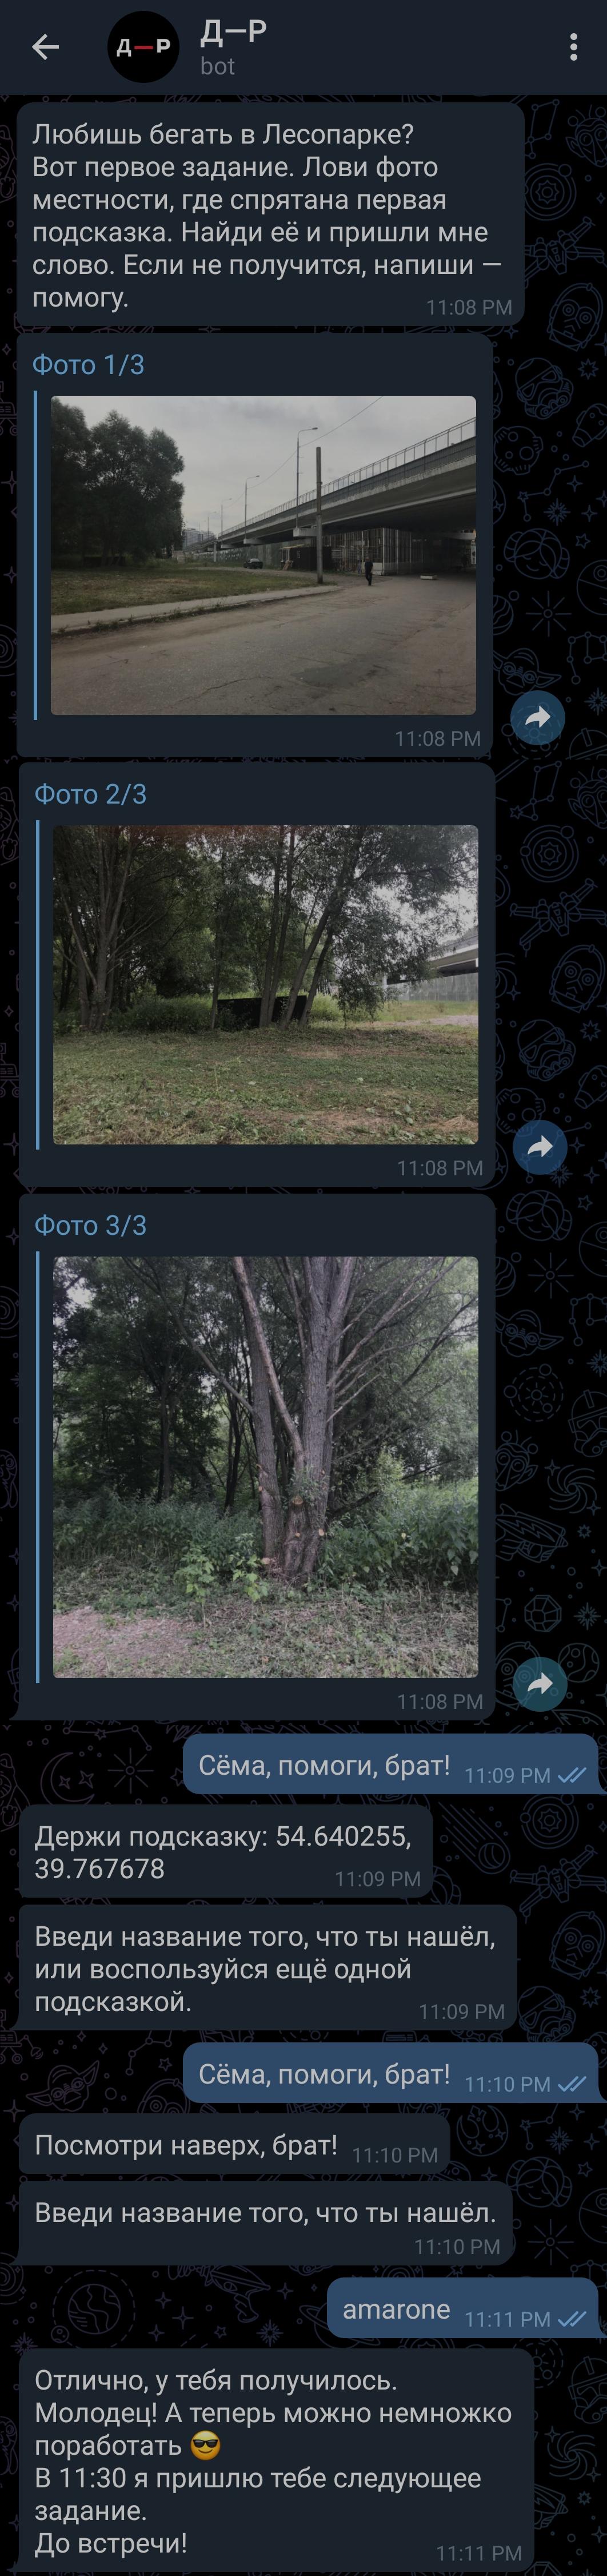 координаты дерева